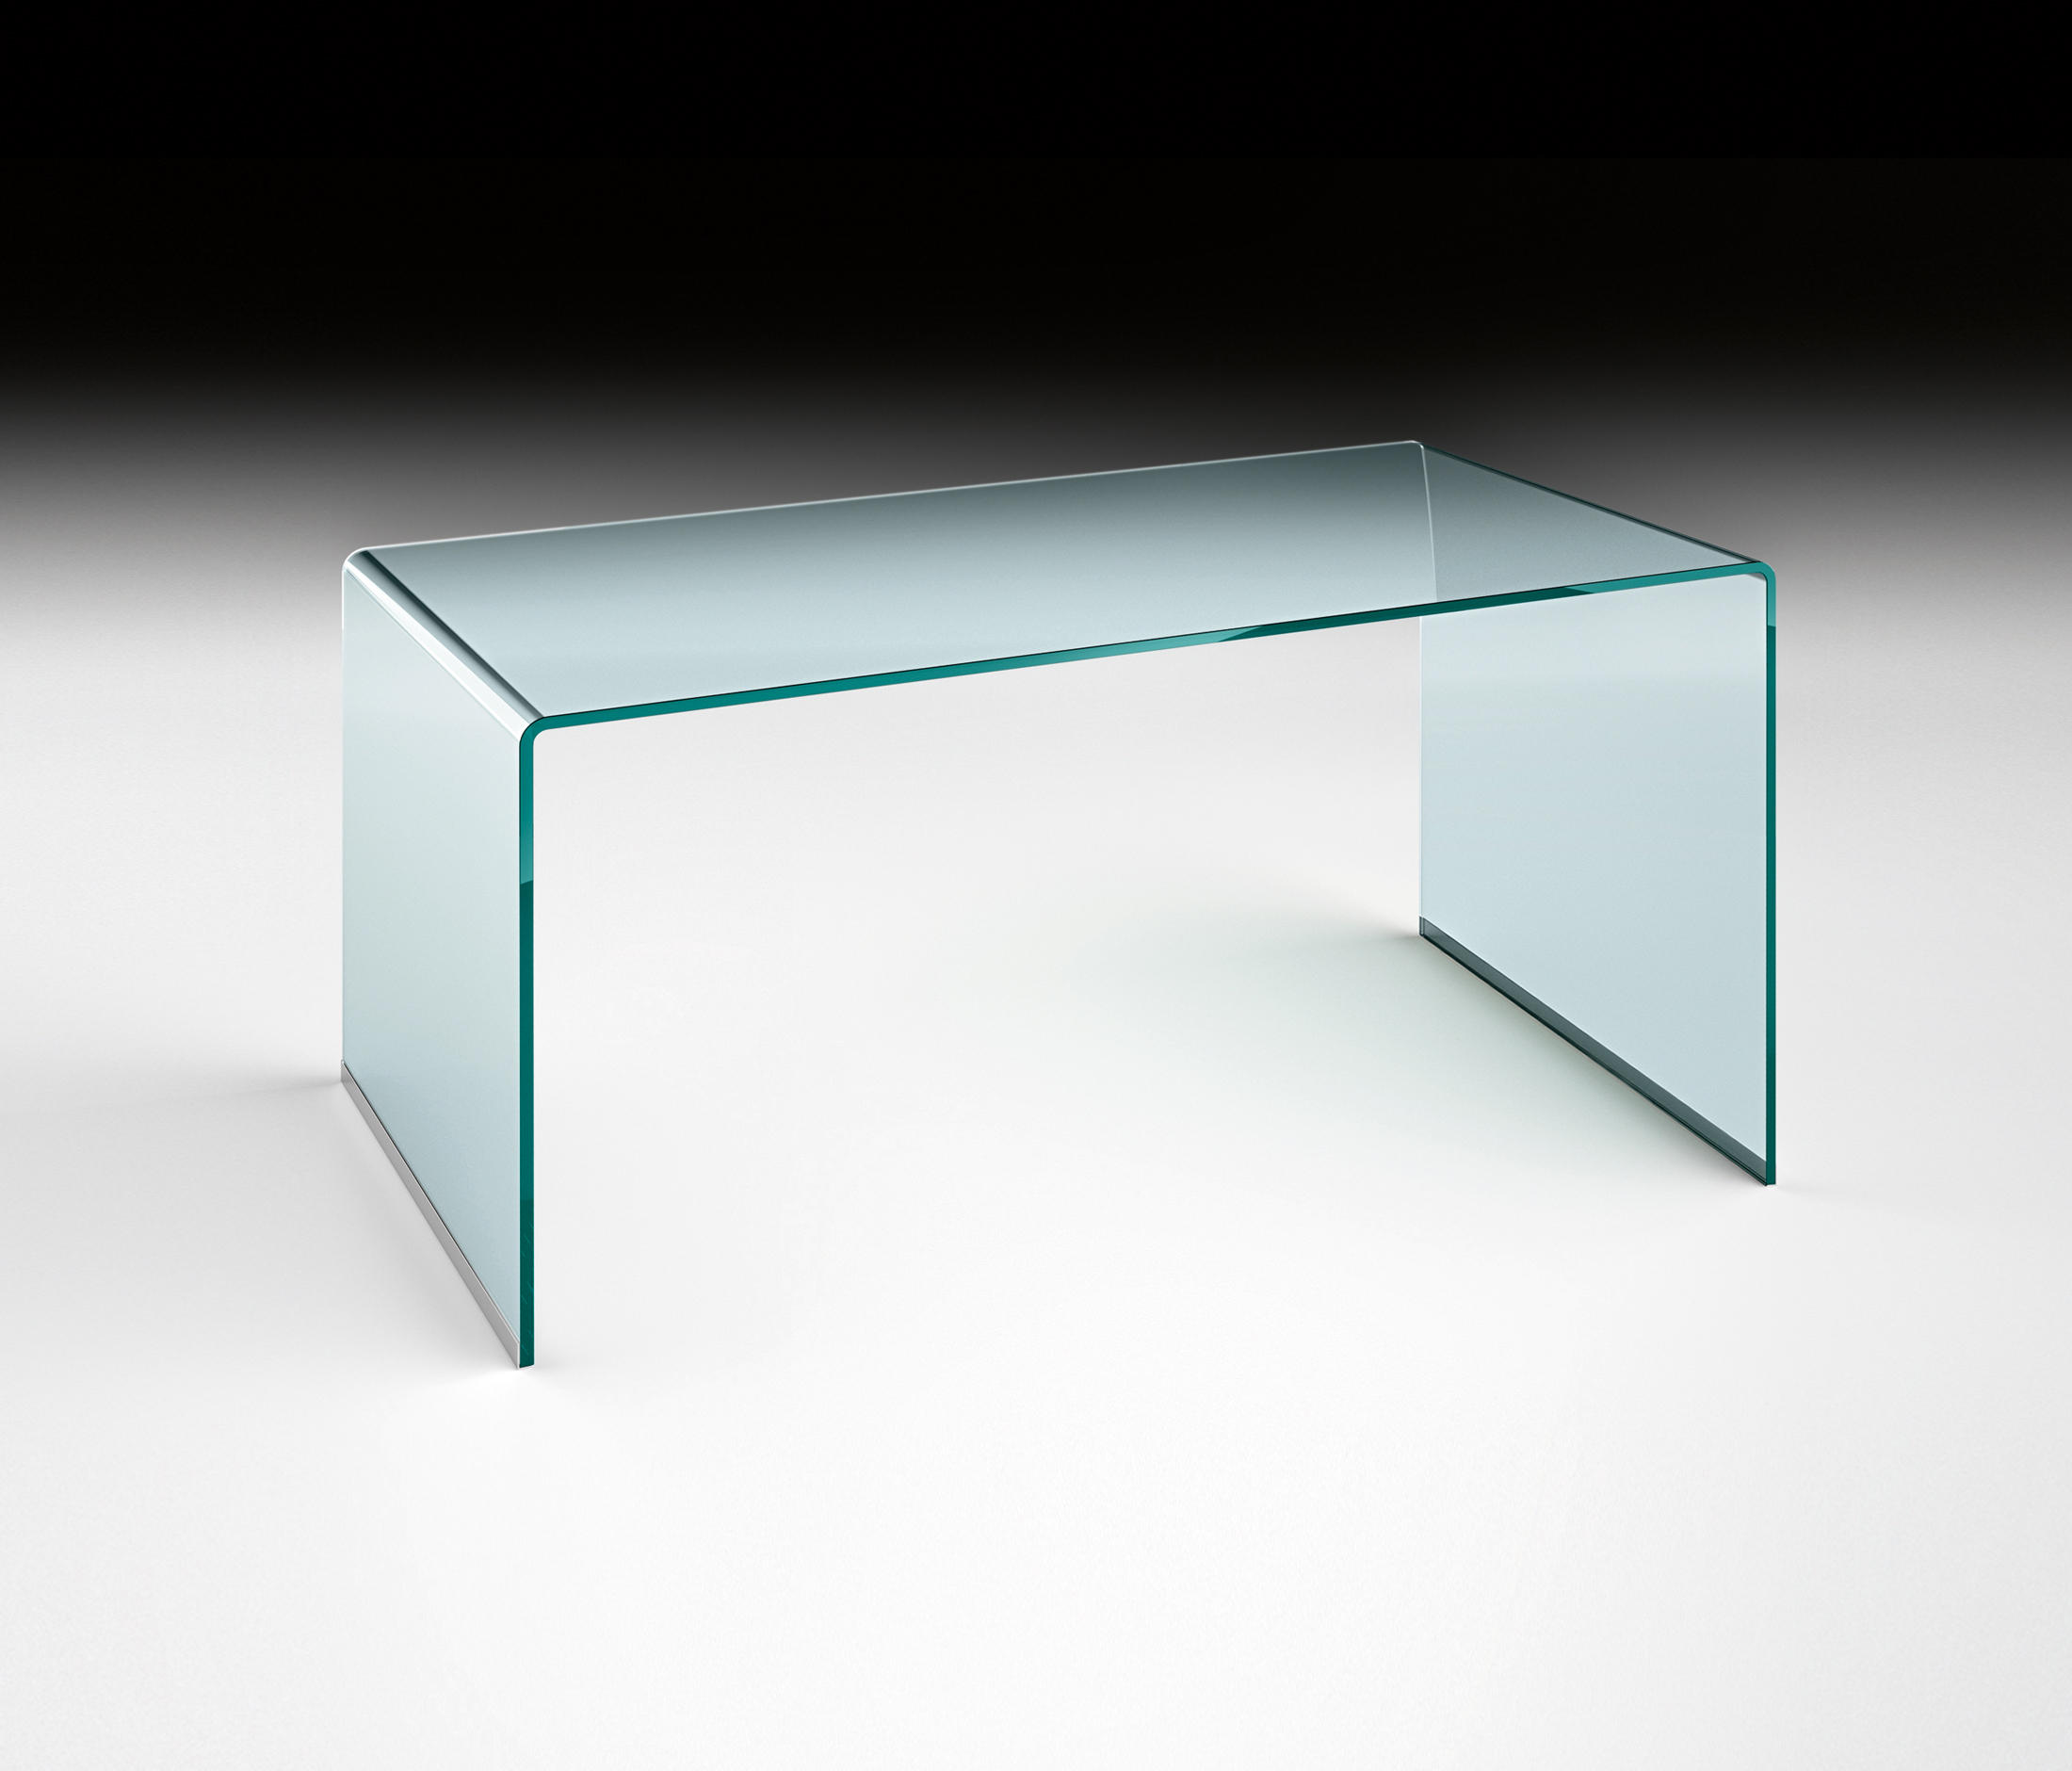 rialto couchtische von fiam italia architonic. Black Bedroom Furniture Sets. Home Design Ideas